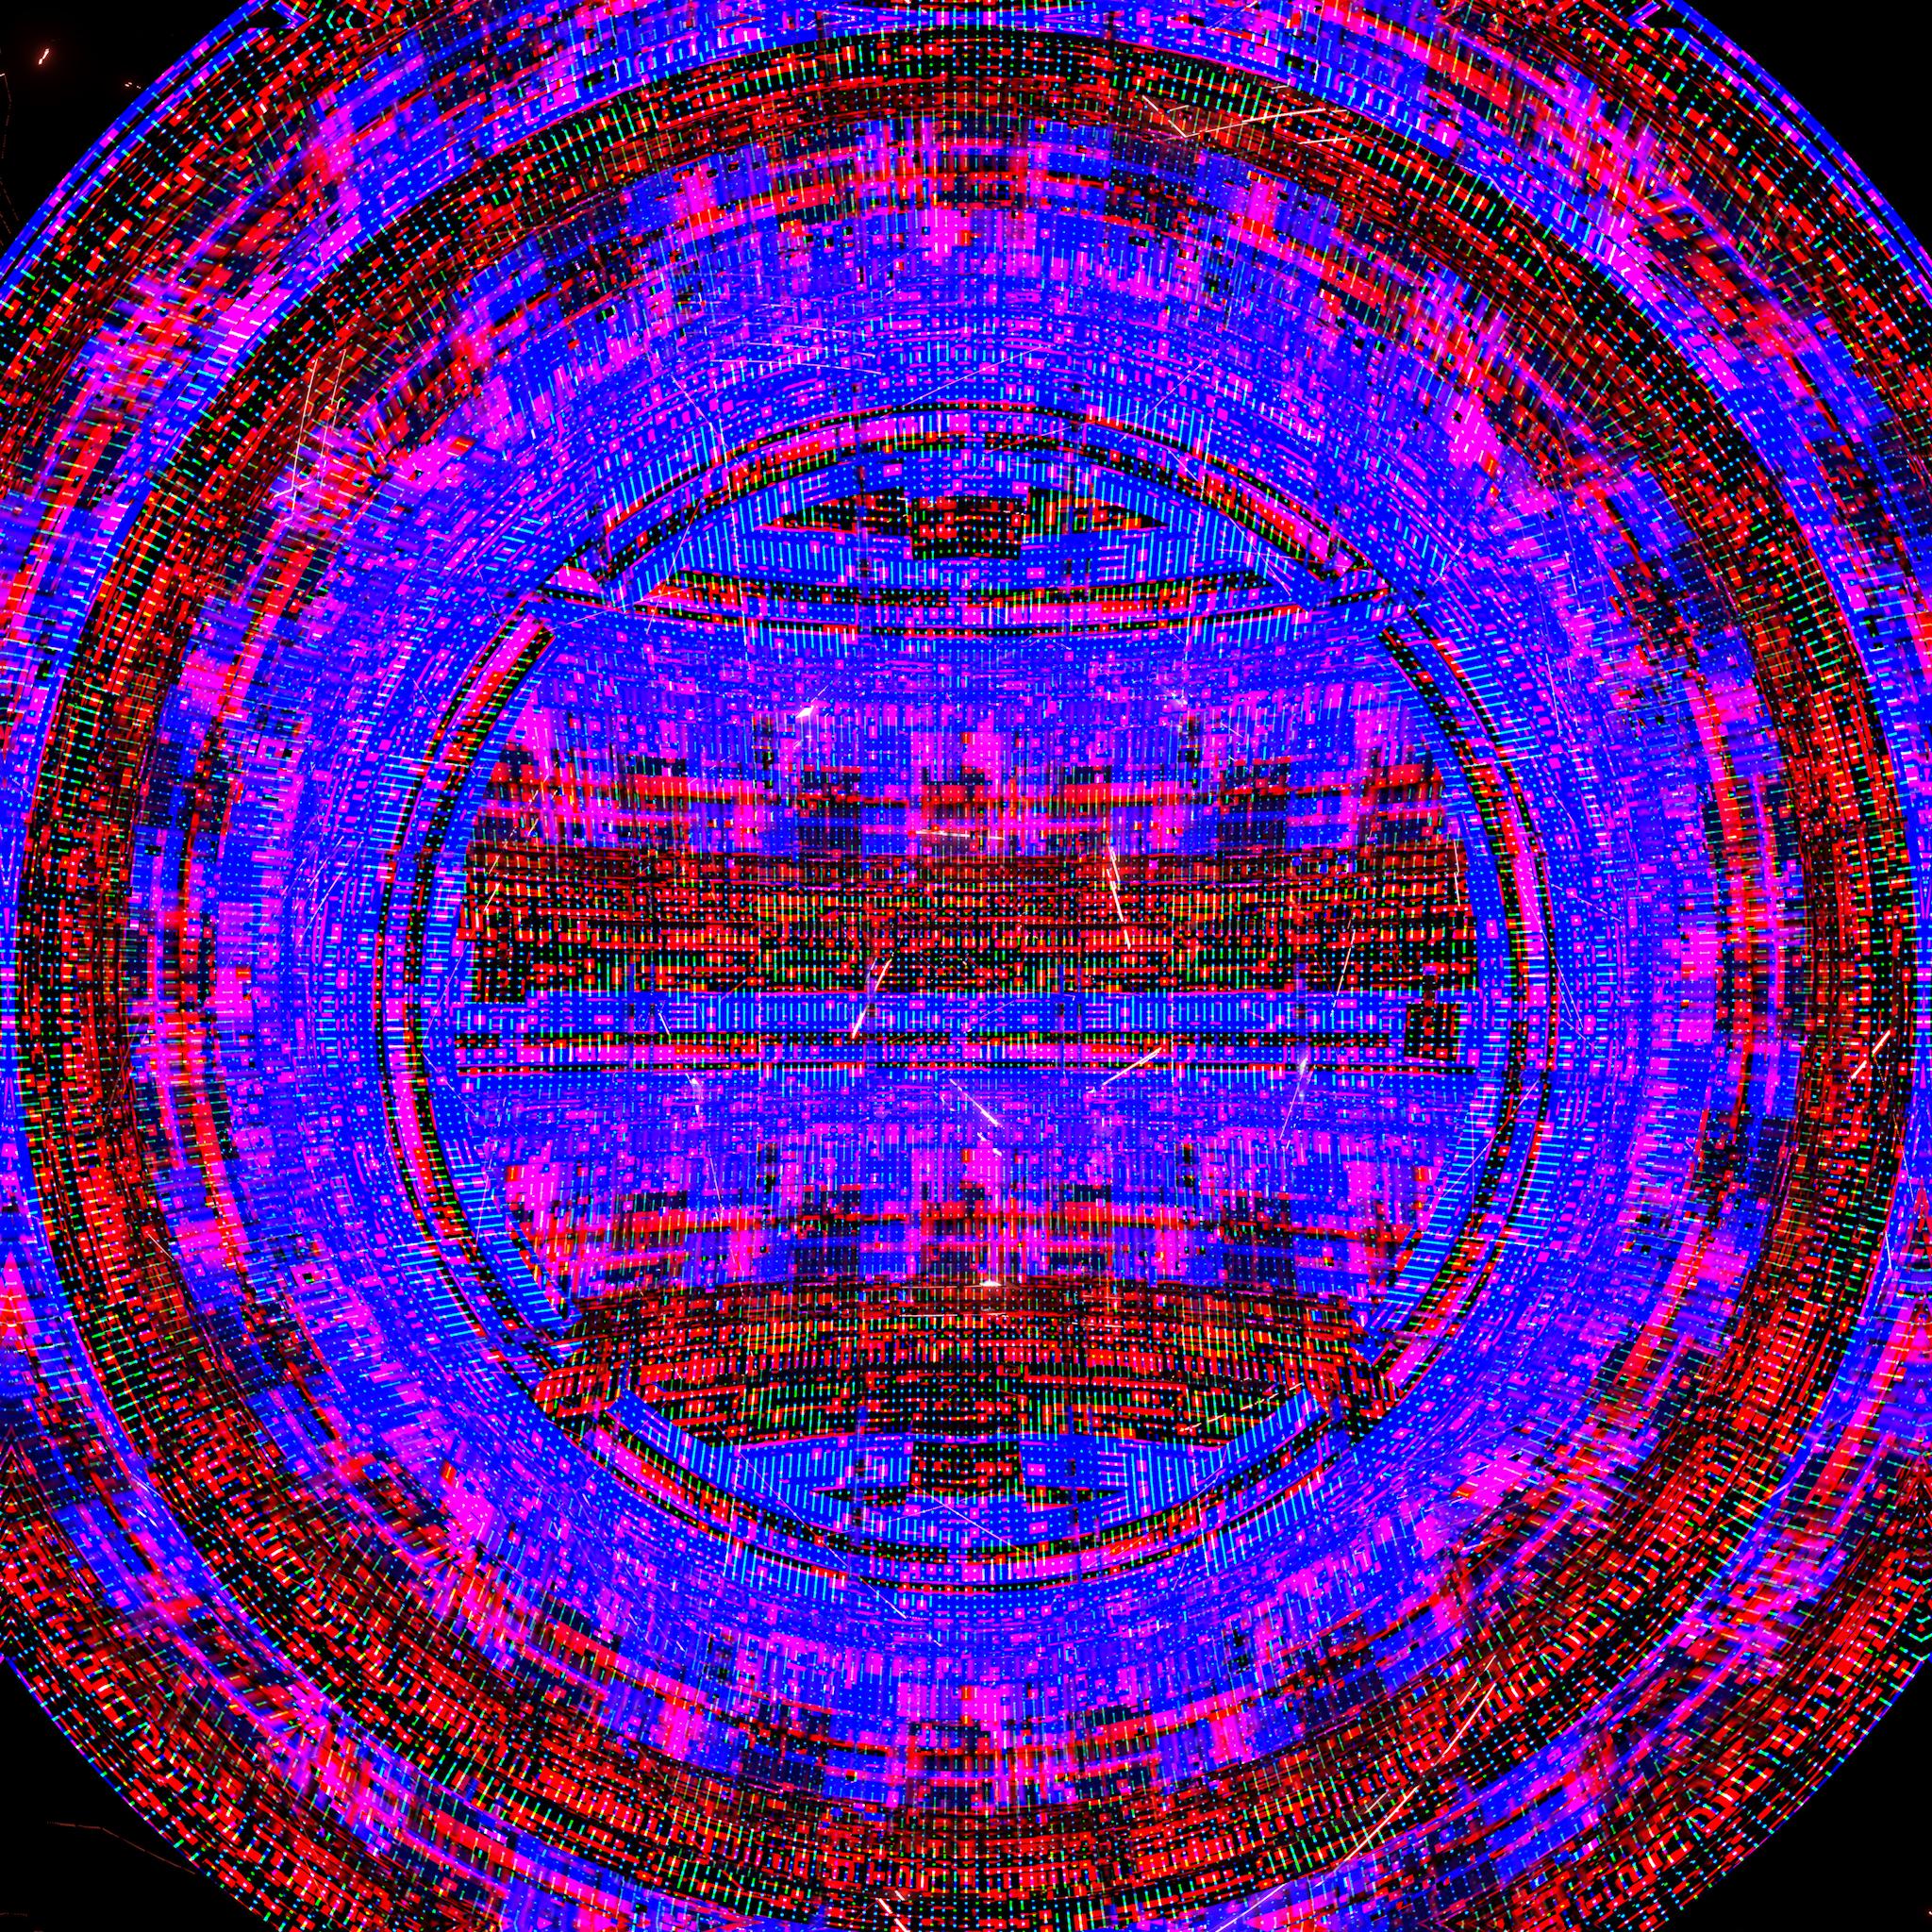 VORTEX_2_MASTER_SEQ (13472)_1000.jpg